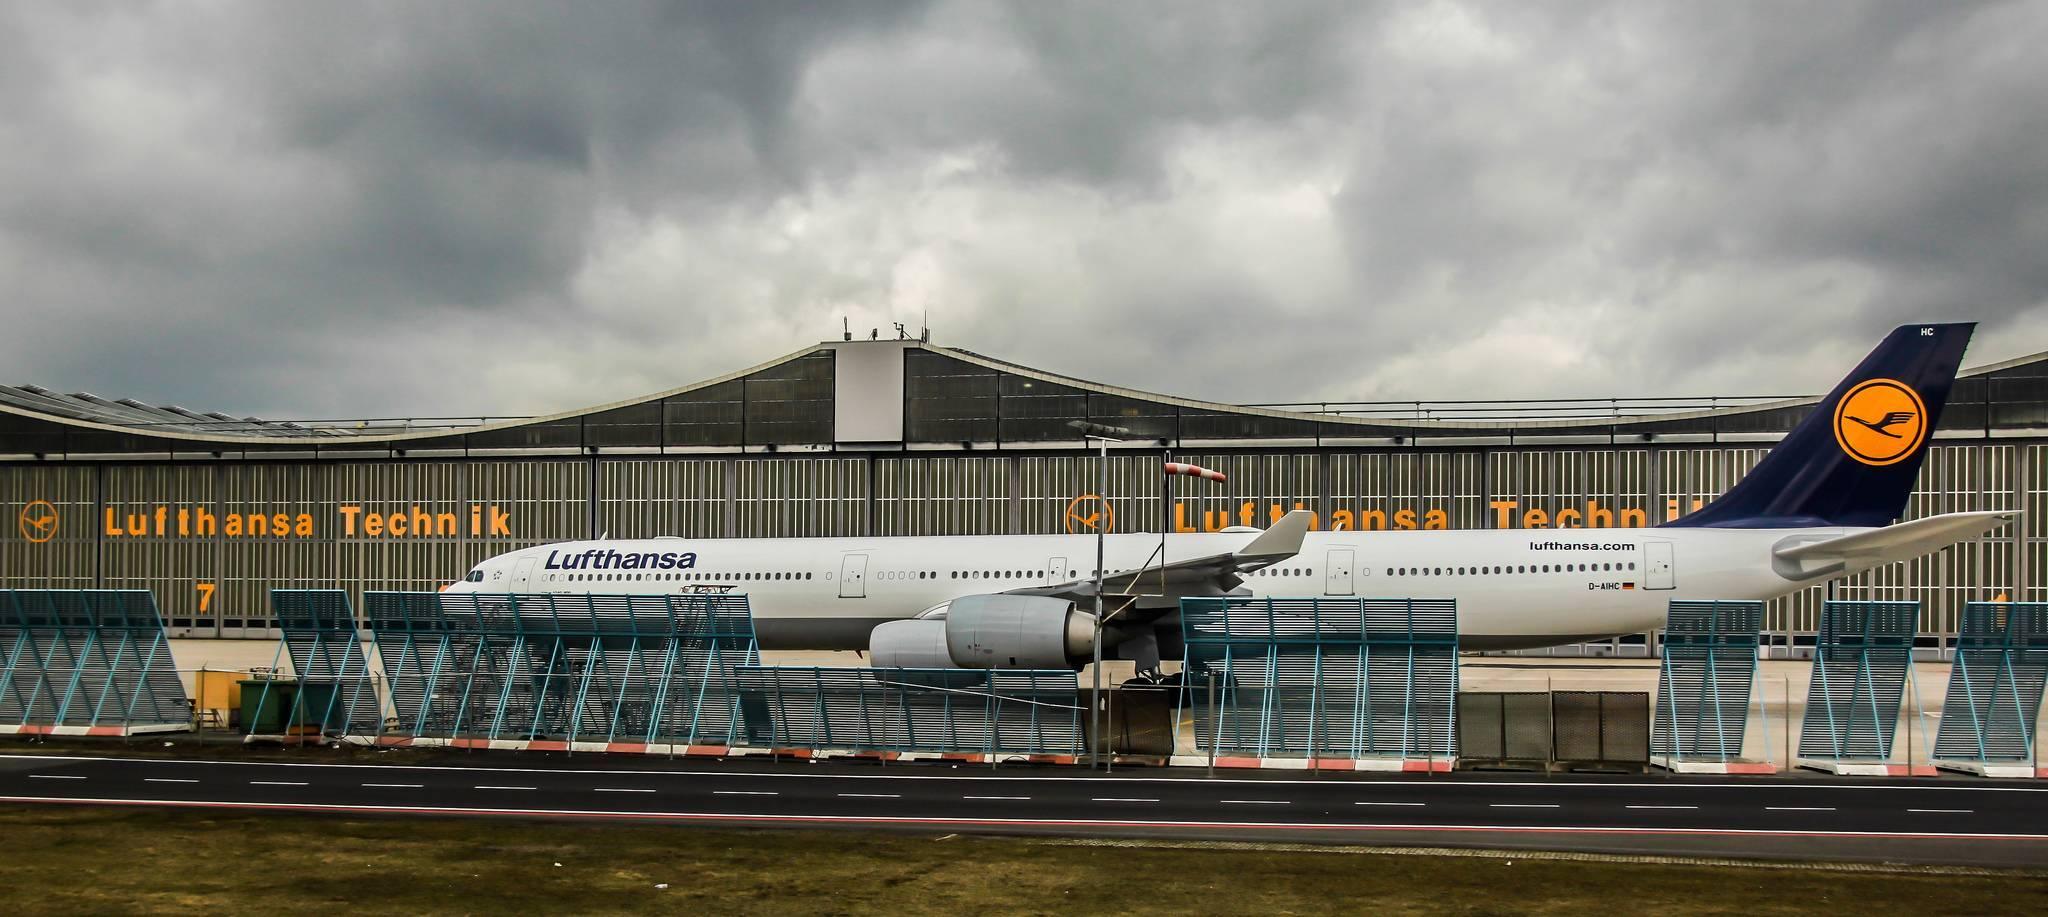 Обзор аэропорта франкфурта-на-майне: схема, терминалы, расписание, табло и отзывы туристов — как добраться до города